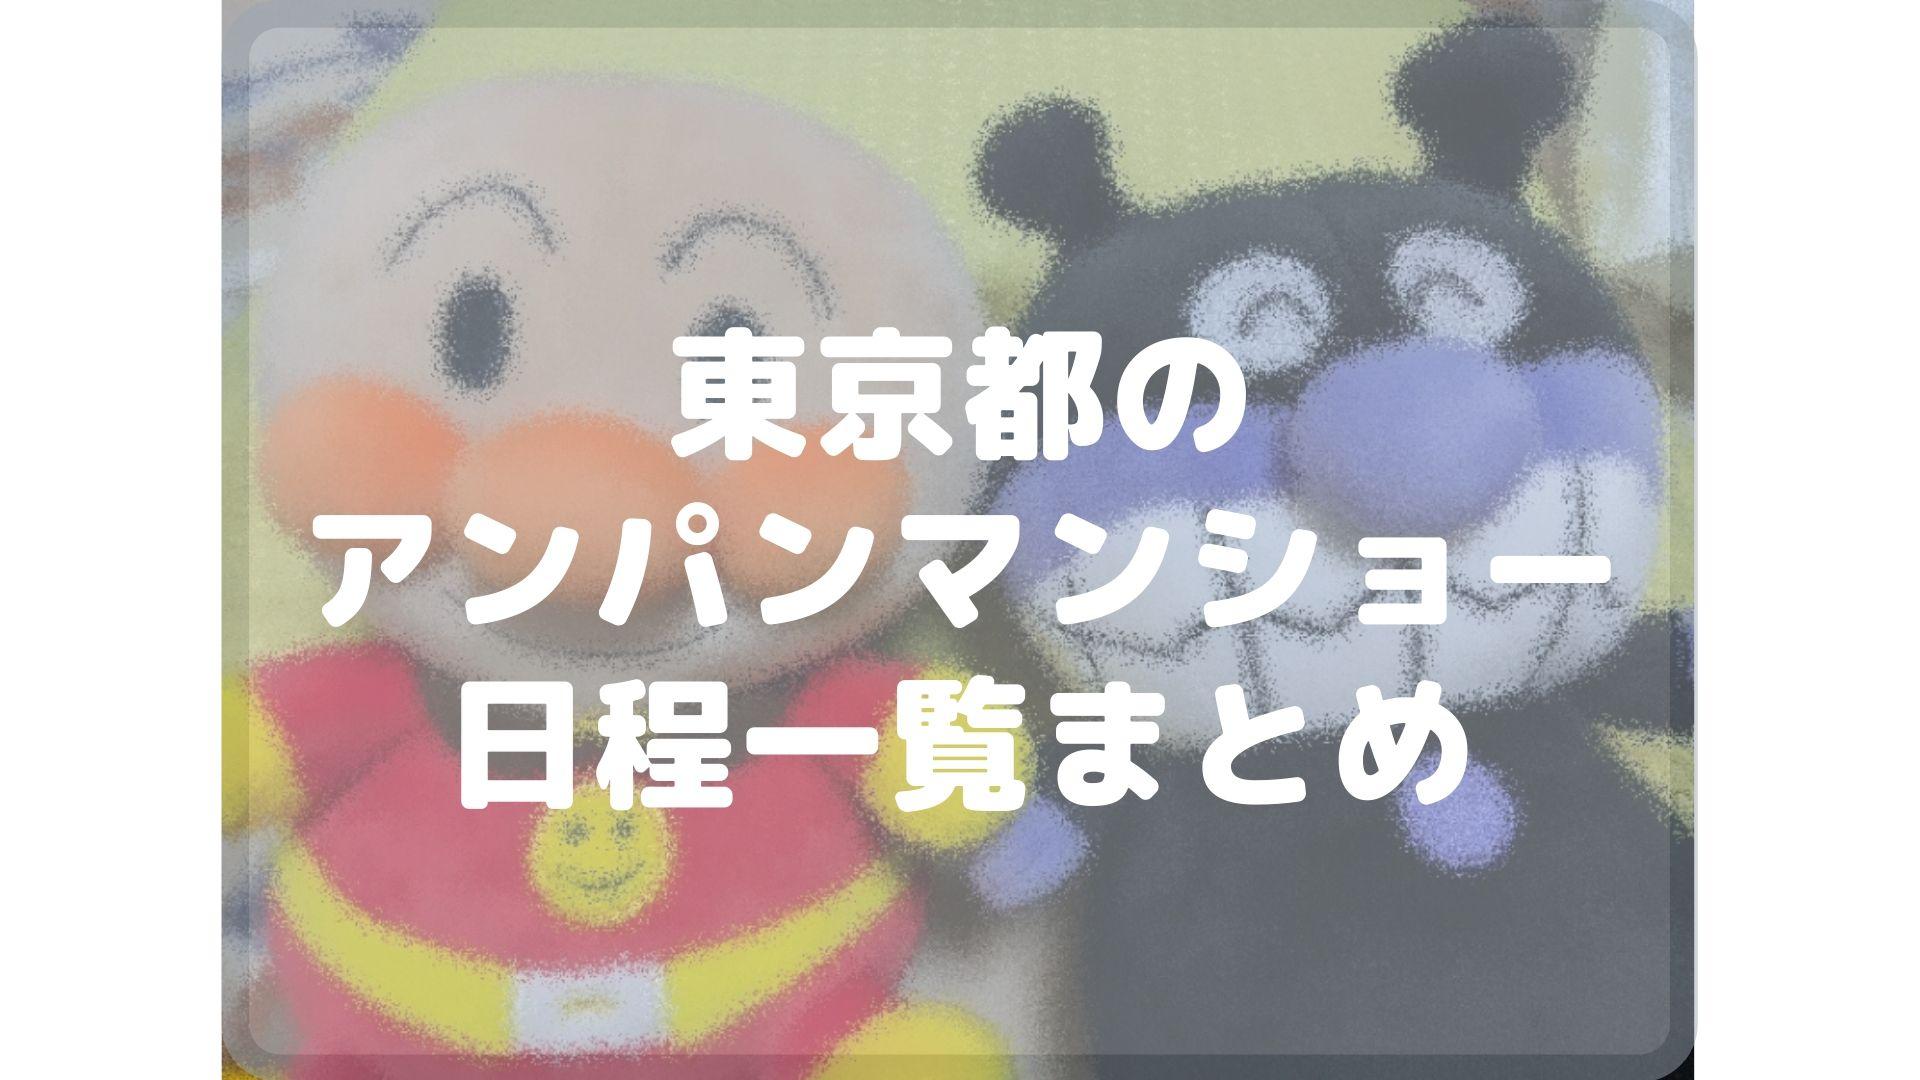 東京都のアンパンマンショーまとめタイトル画像